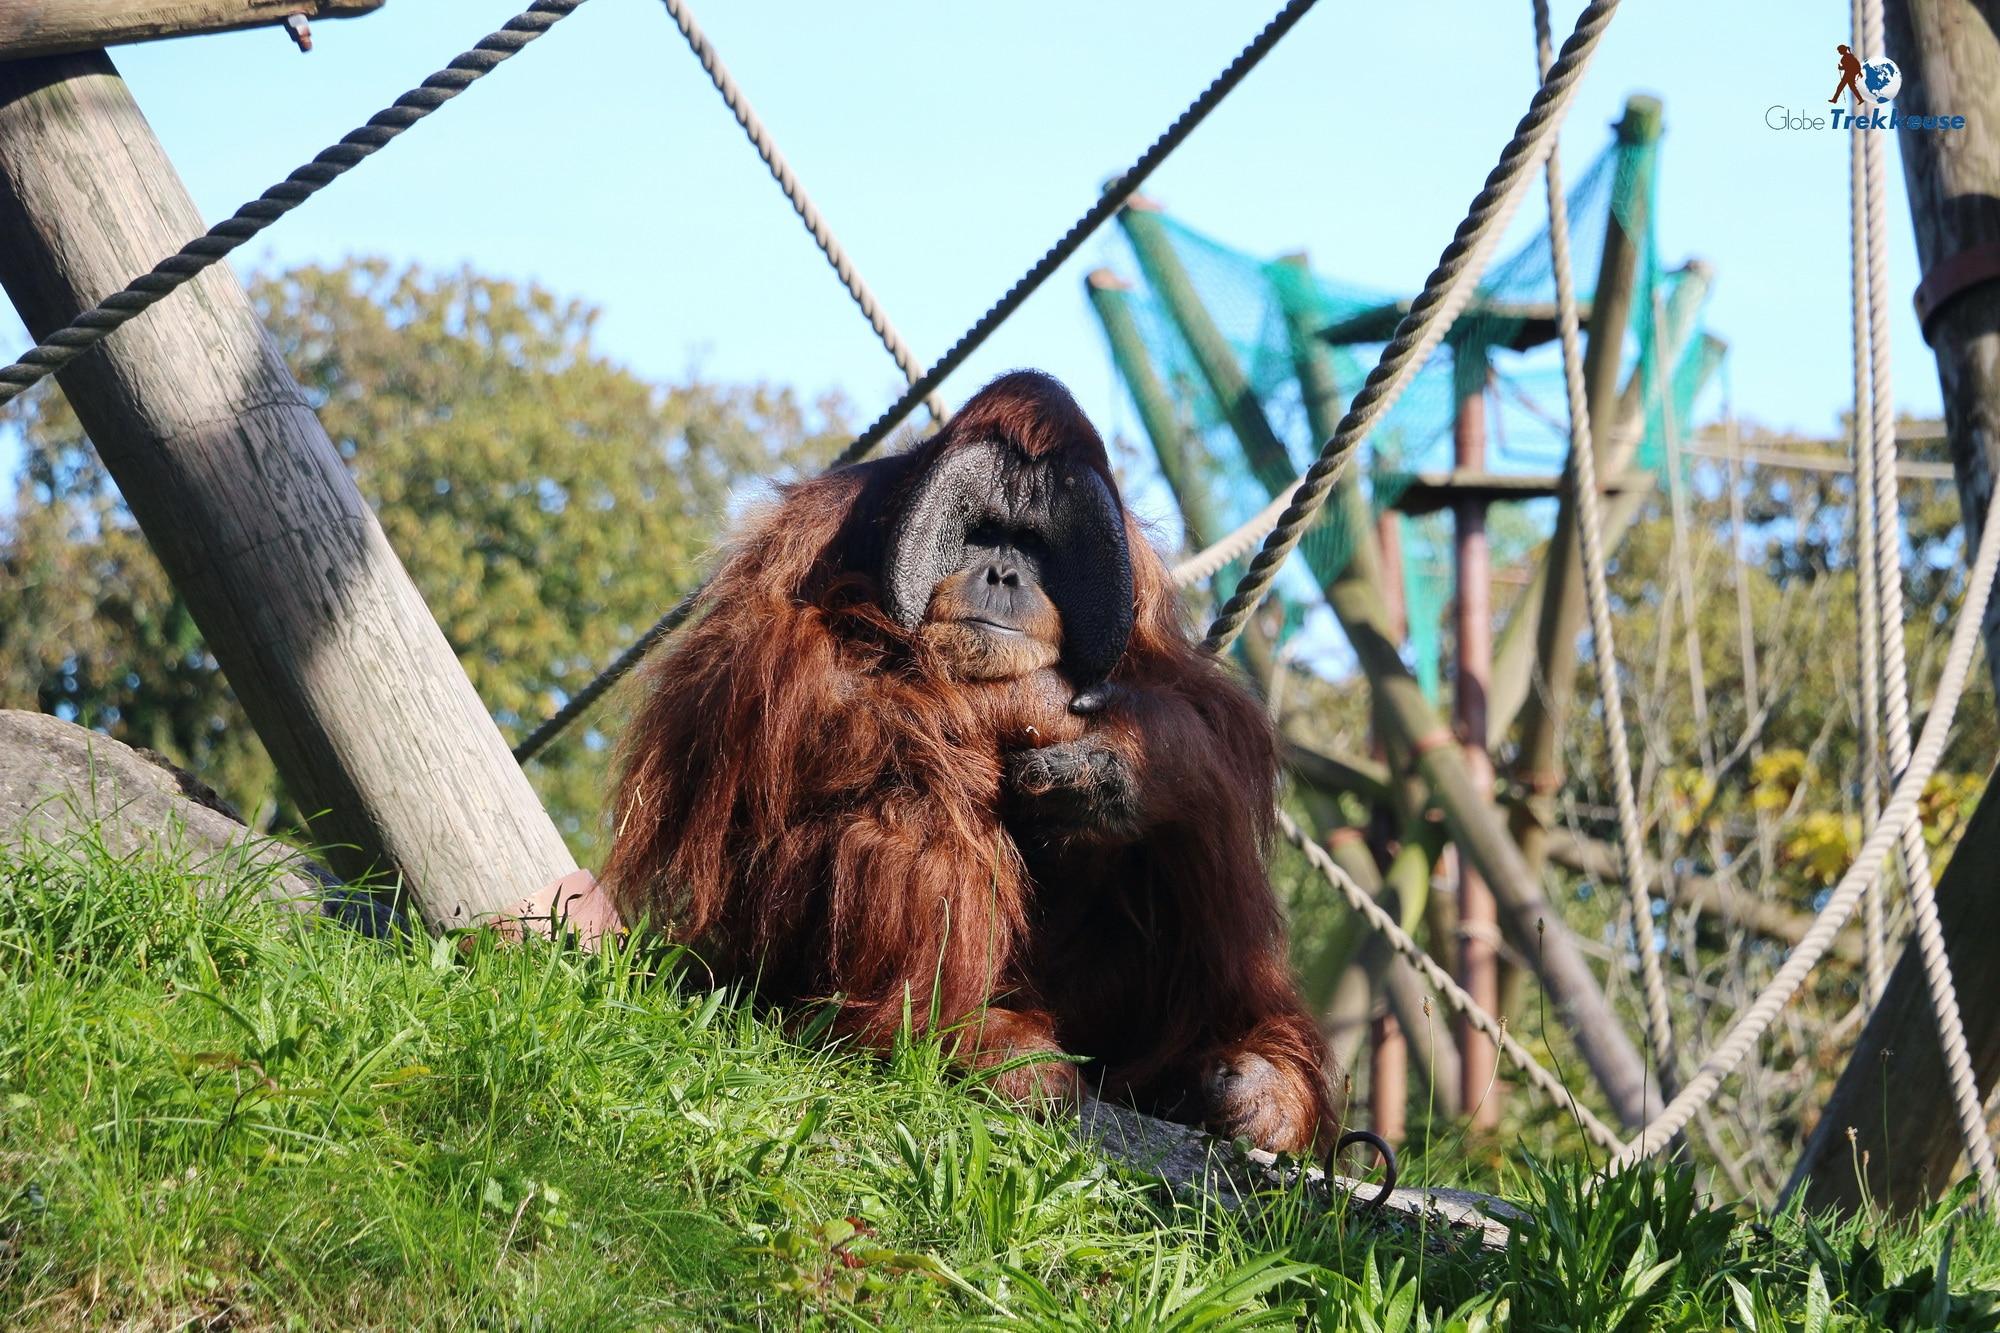 jersey zoo orang outan